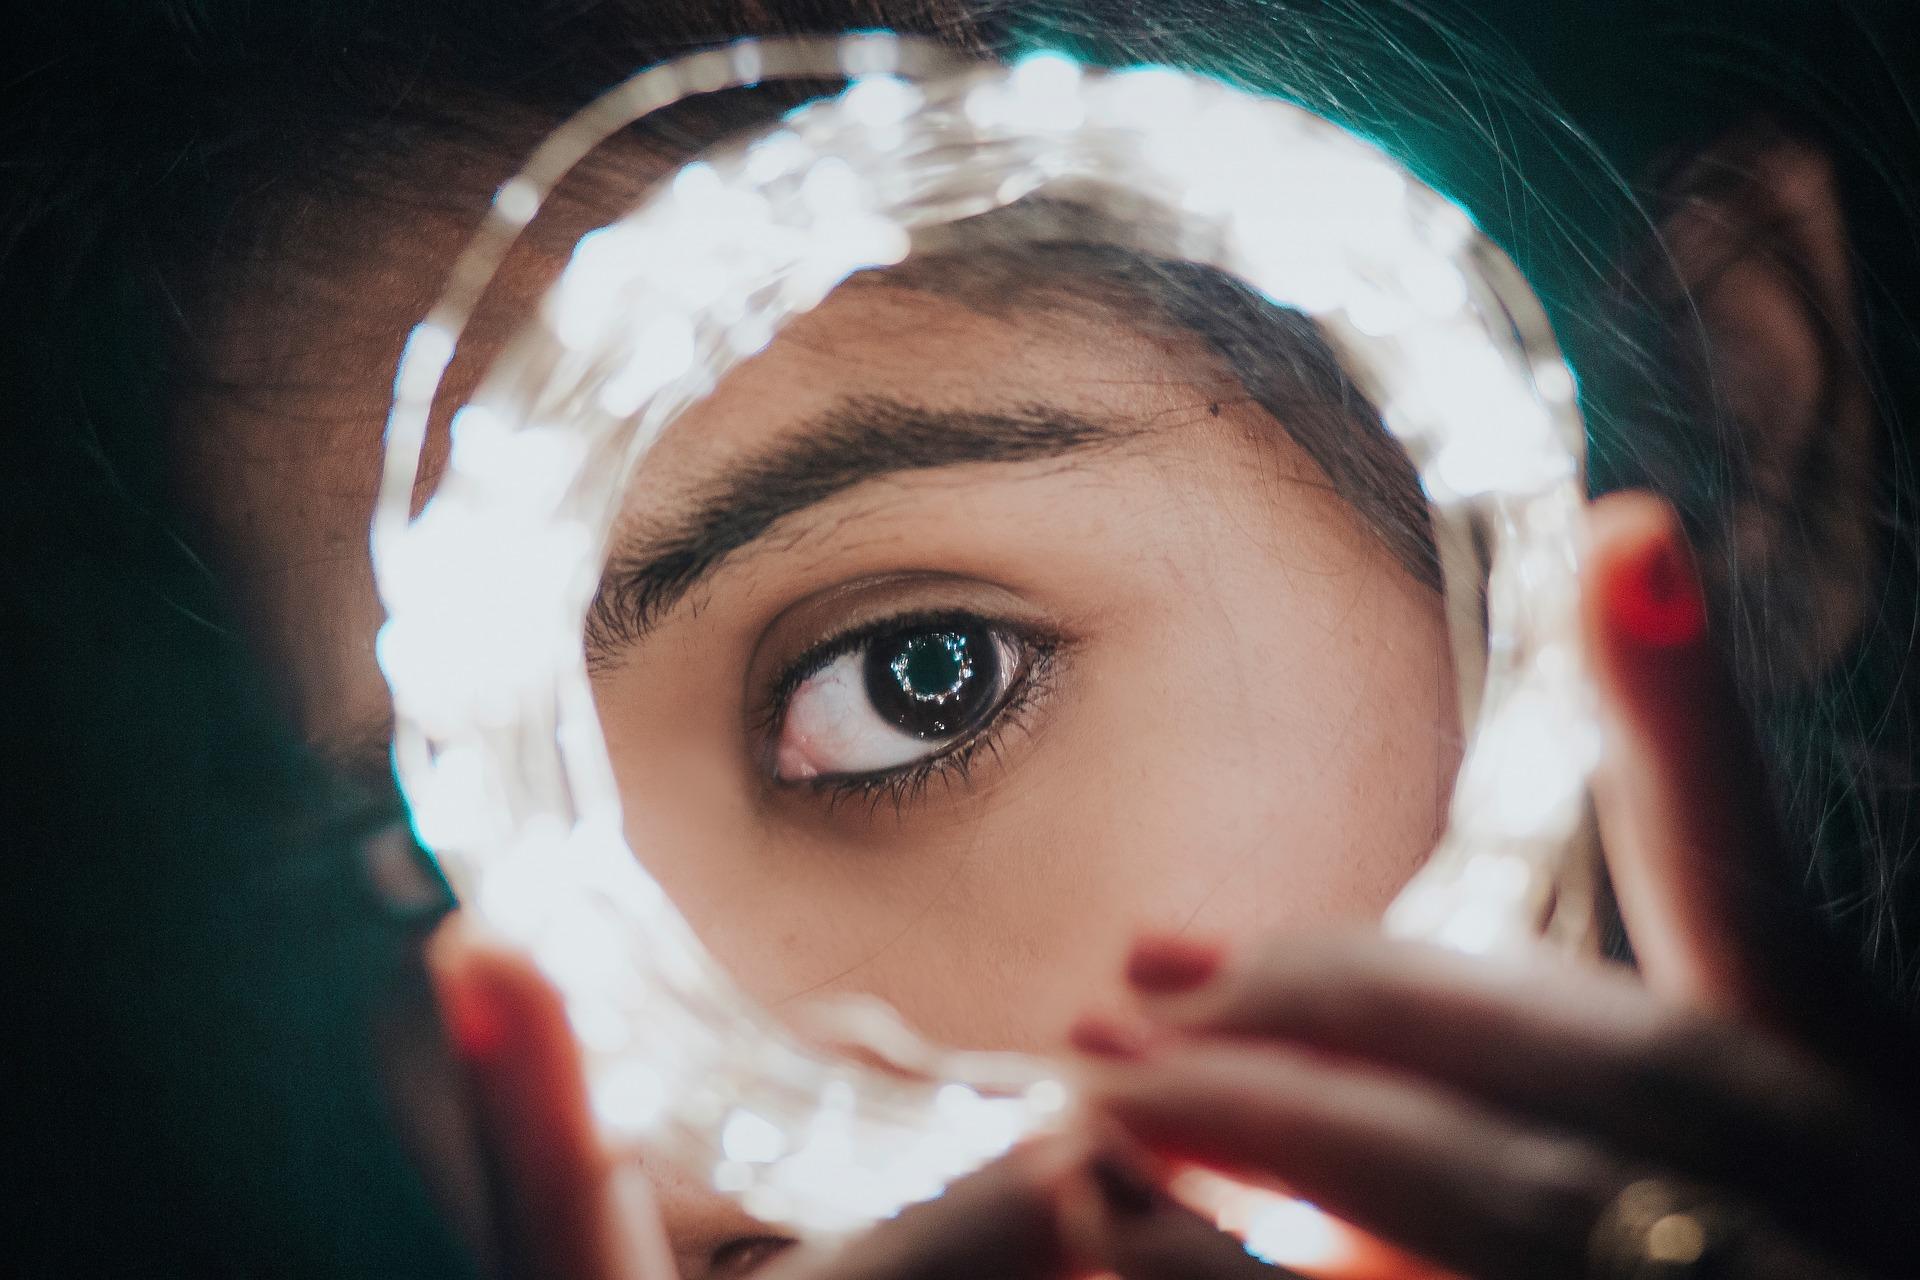 woman_eye_0.jpg